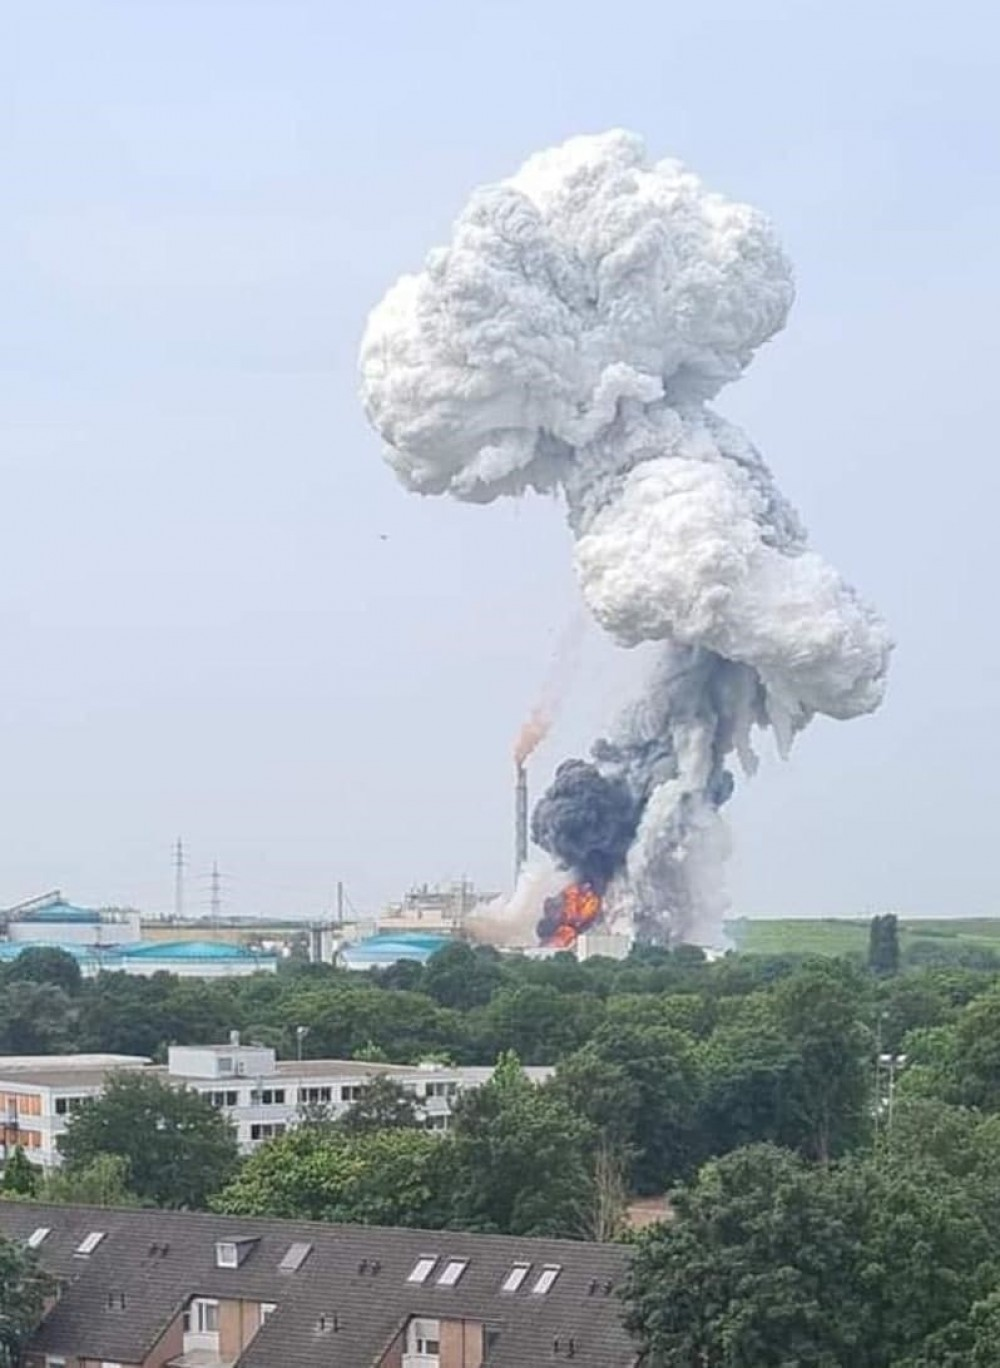 В Германии произошел мощный взрыв на заводе // Пострадали несколько человек